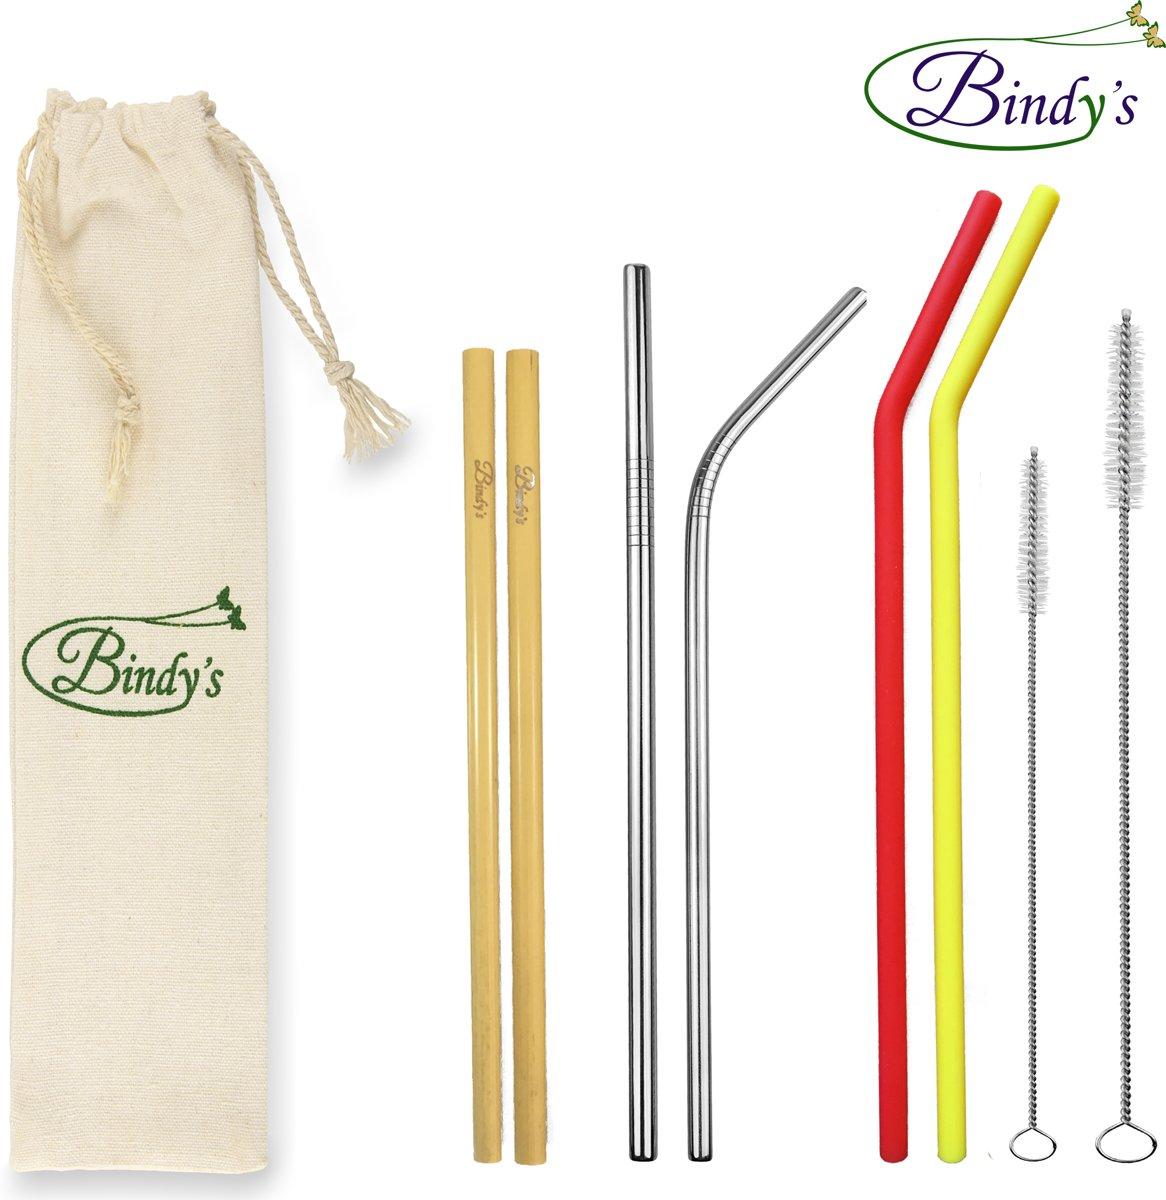 Bindy's - 9-Delige Set Herbruikbare Rietjes Mix – Familie Verpakking - 2 RVS Rietjes - 2 Bamboe Rietjes – 2 Siliconen Rietjes - incl. 2 Schoonmaakborsteltjes En Linnen Bewaarzakje